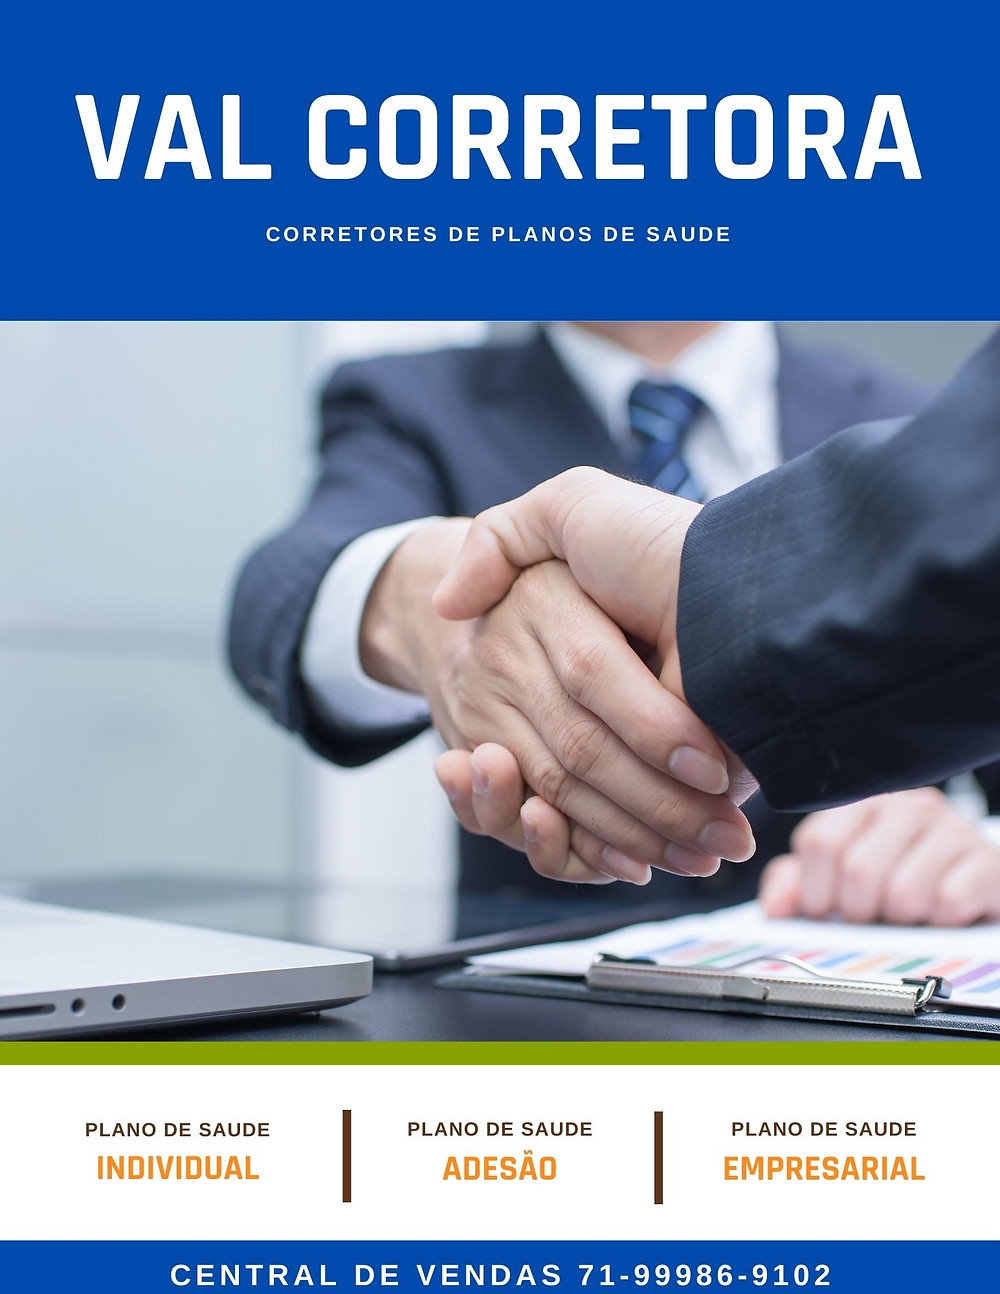 ValCorretora | Vendas de Planos de Saúde